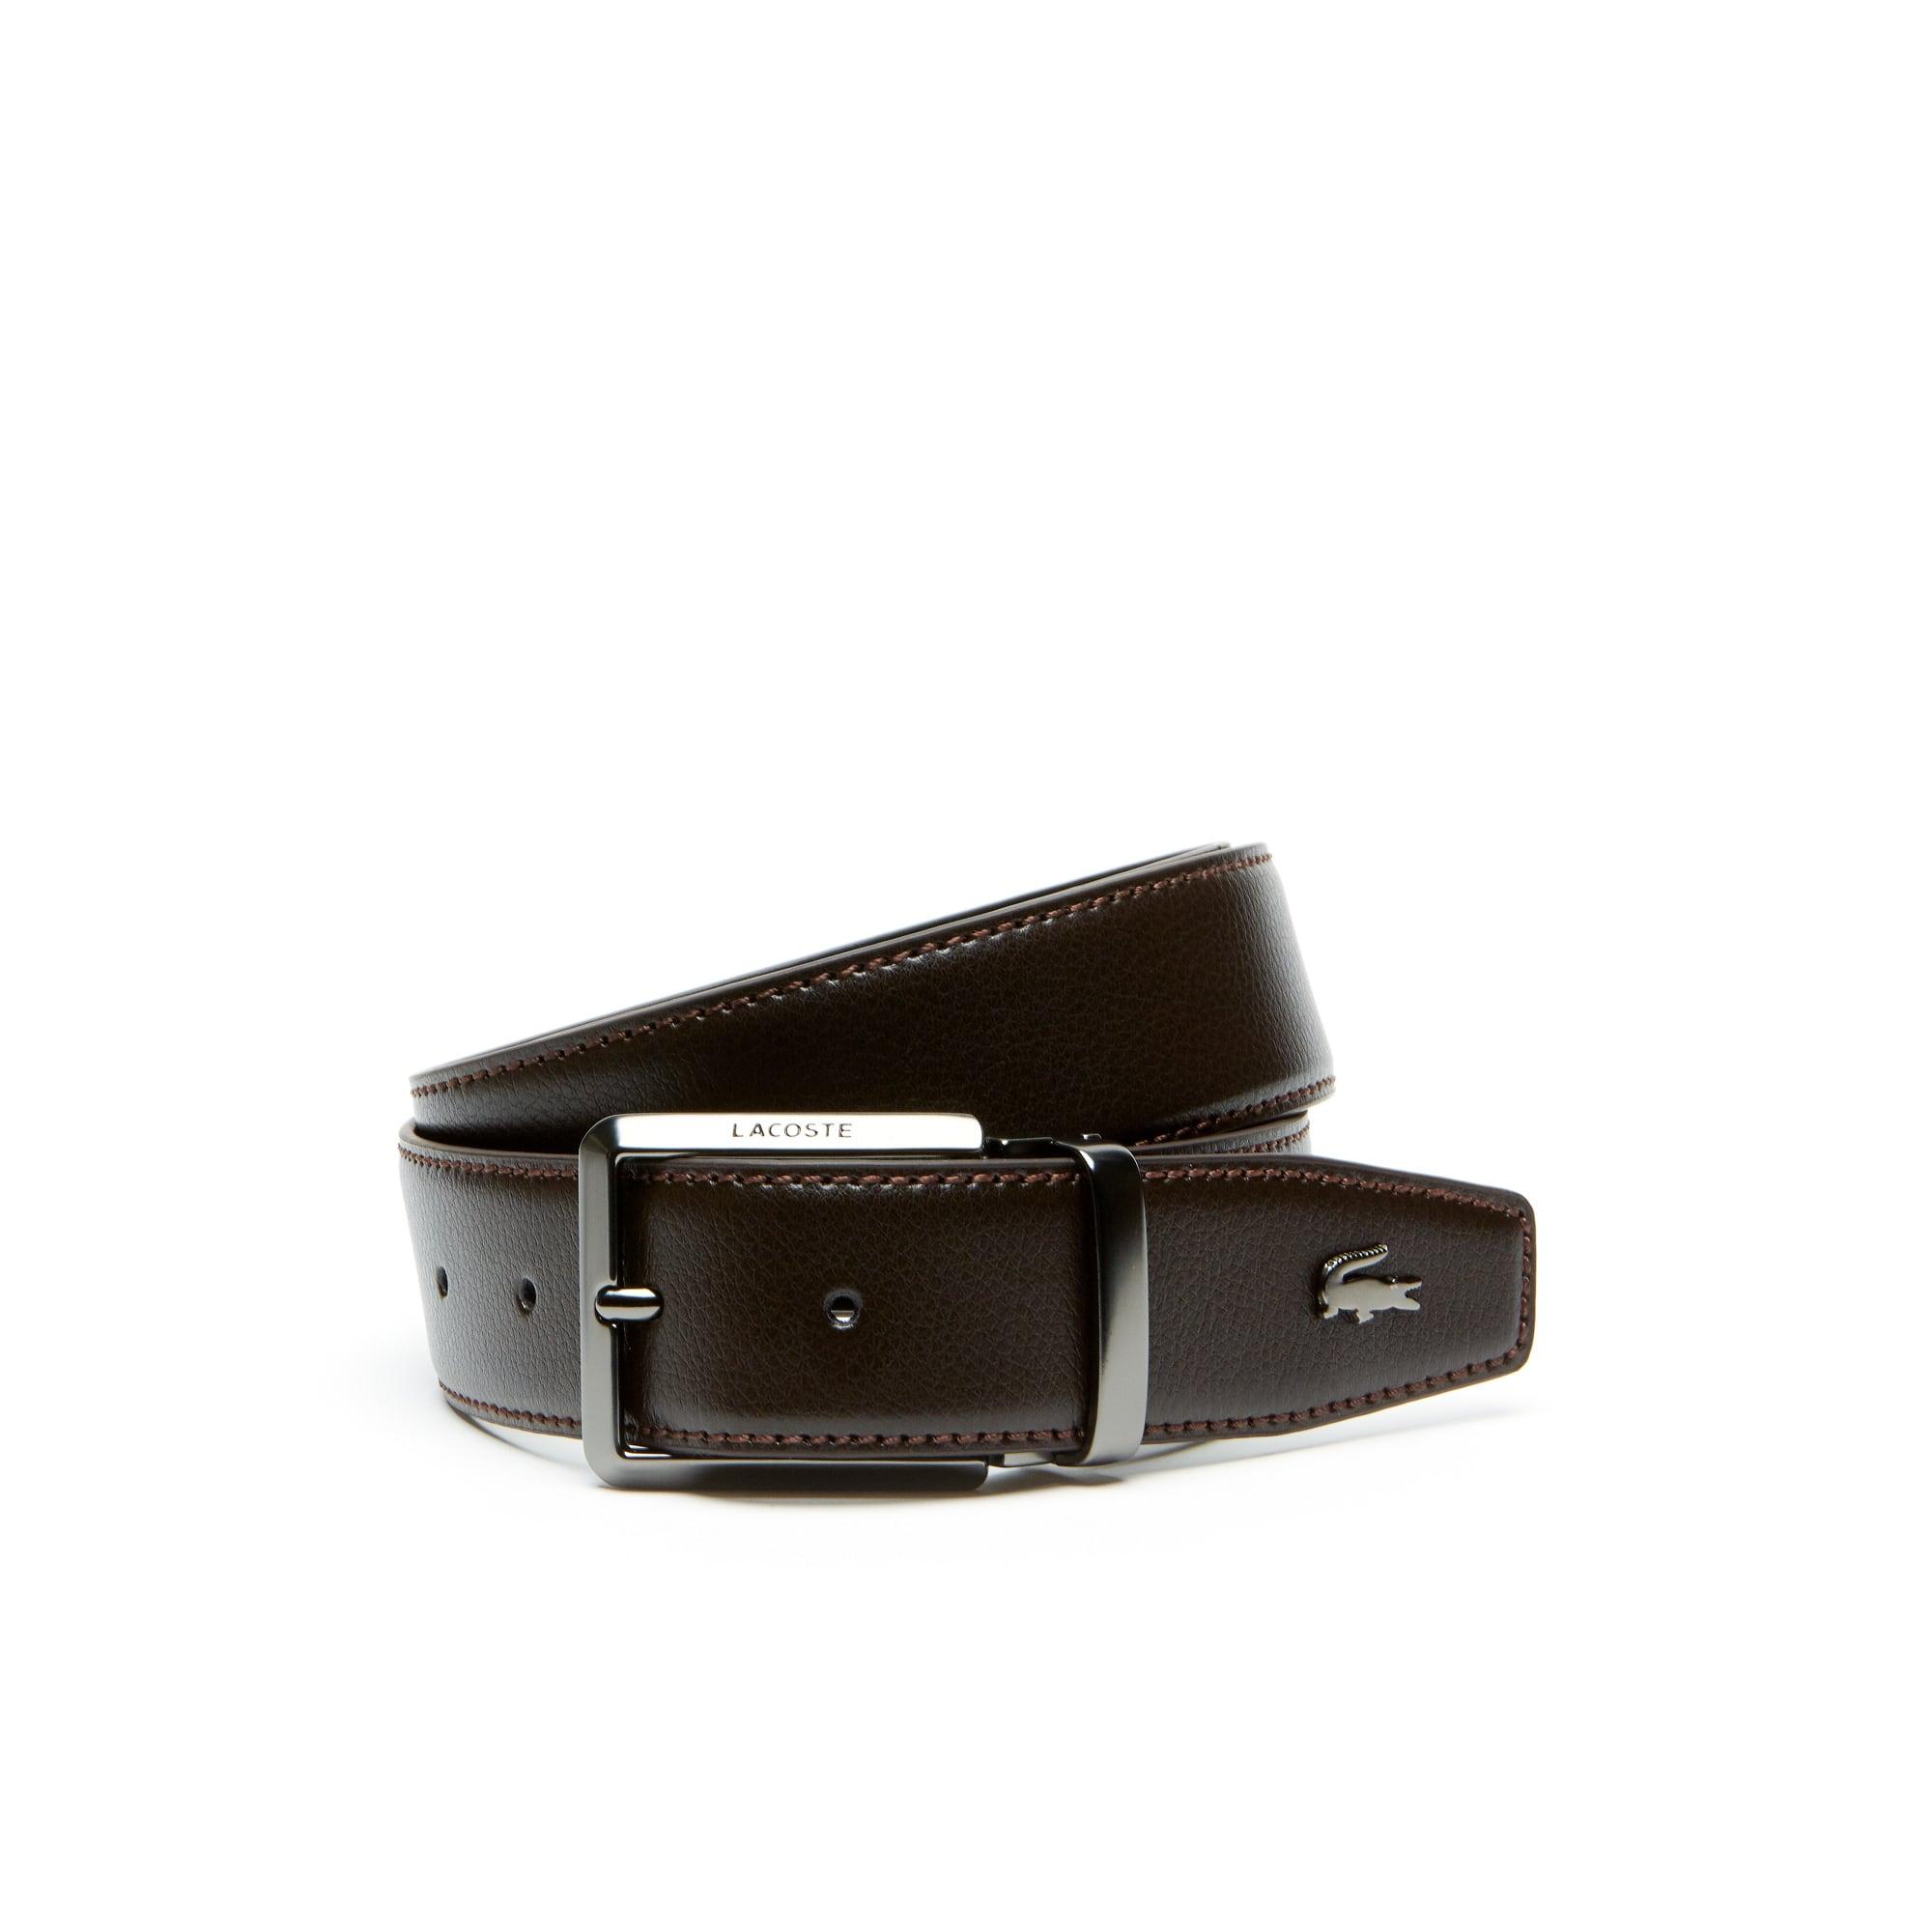 Cinturón de cuero reversible con hebilla de lengüeta grabada Lacoste